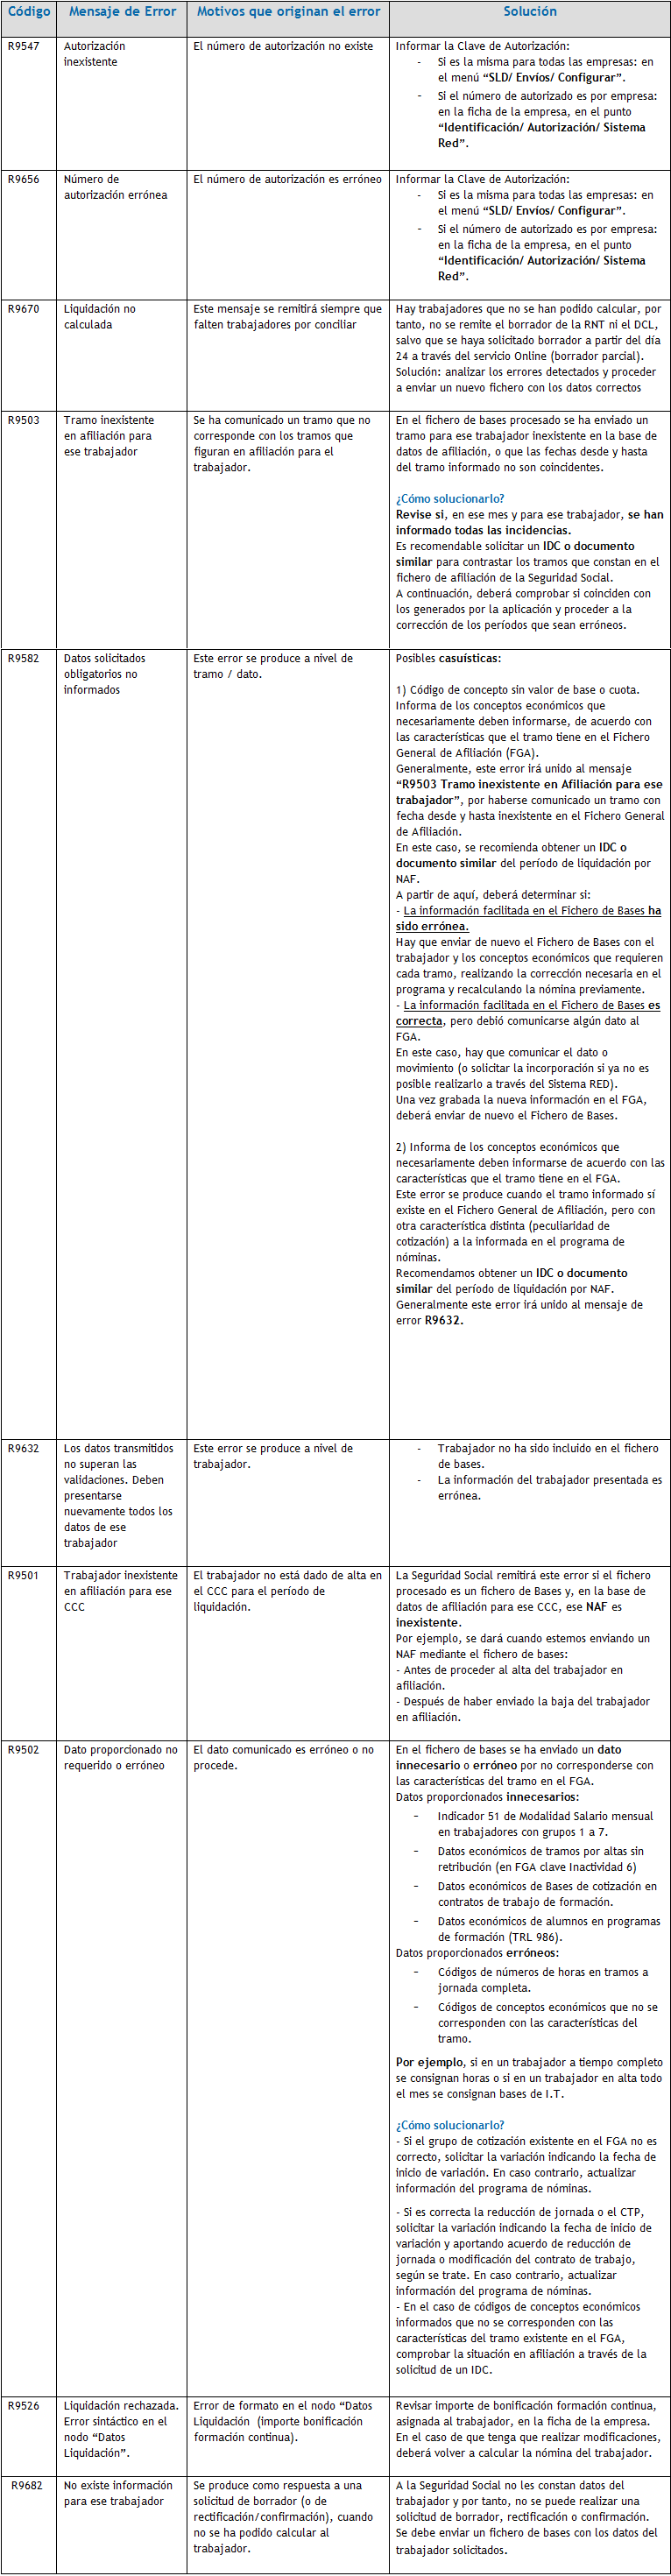 tabla_ficheros_respuesta